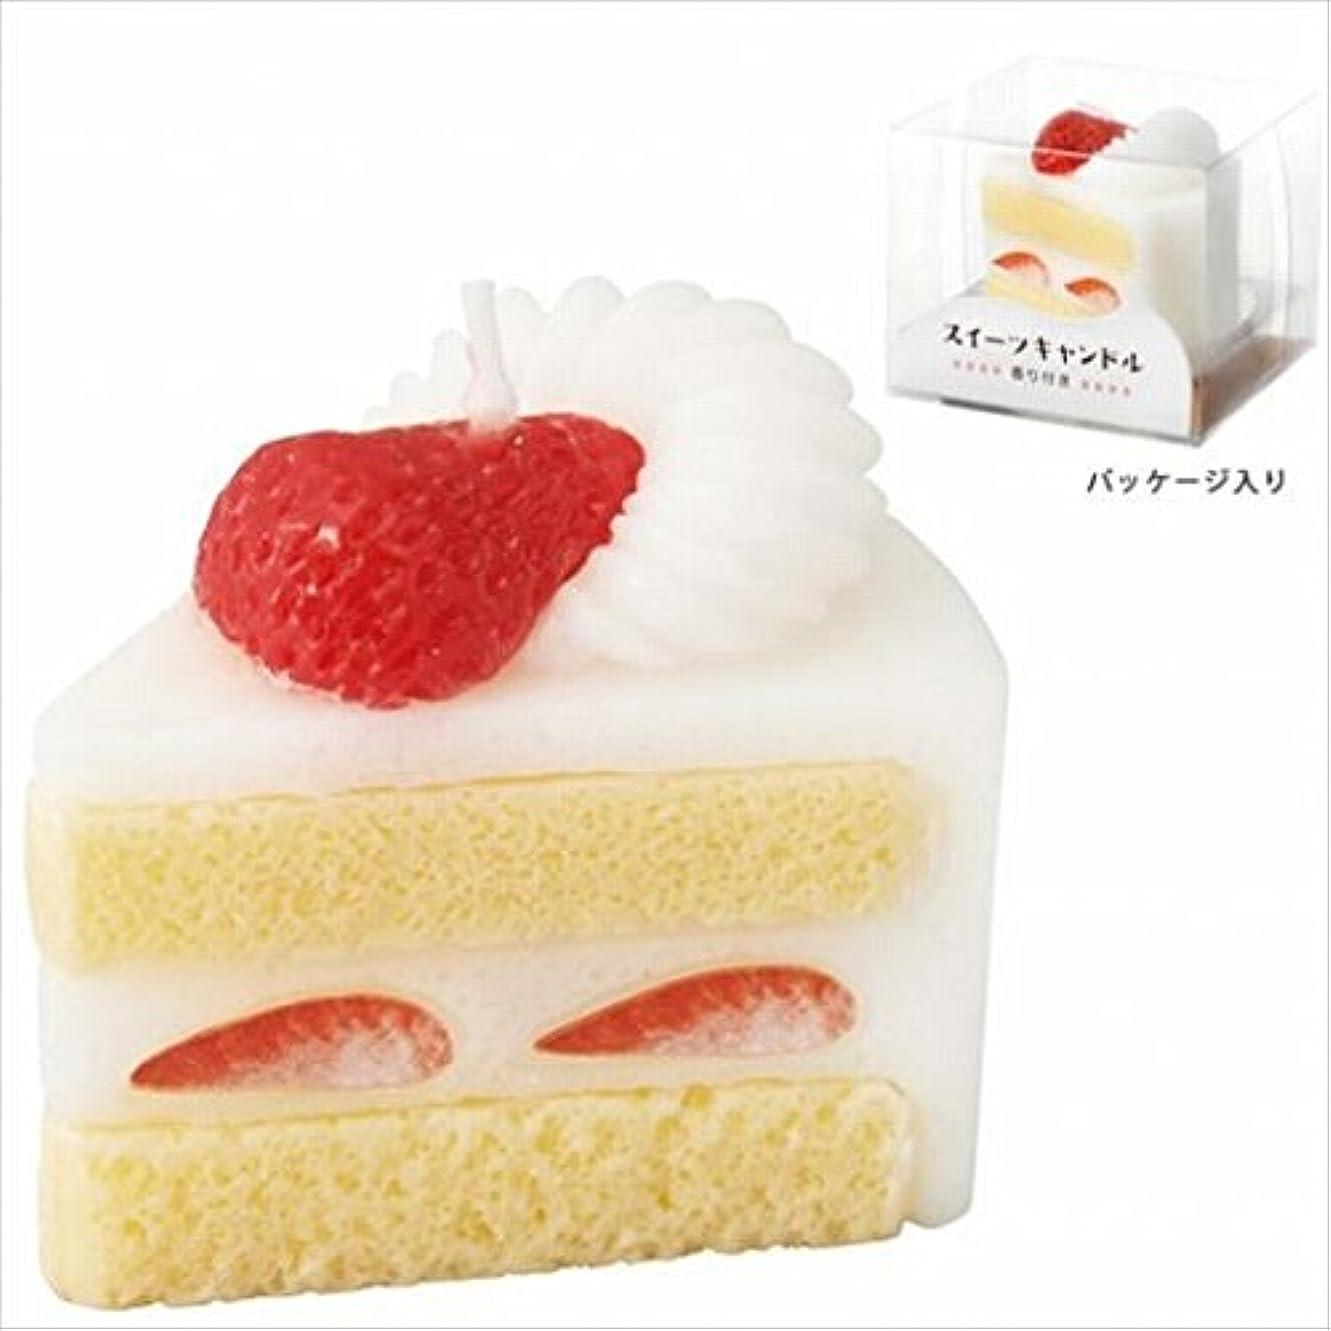 もちろん無限注意ヤンキーキャンドル( YANKEE CANDLE ) スイーツキャンドル ショートケーキ